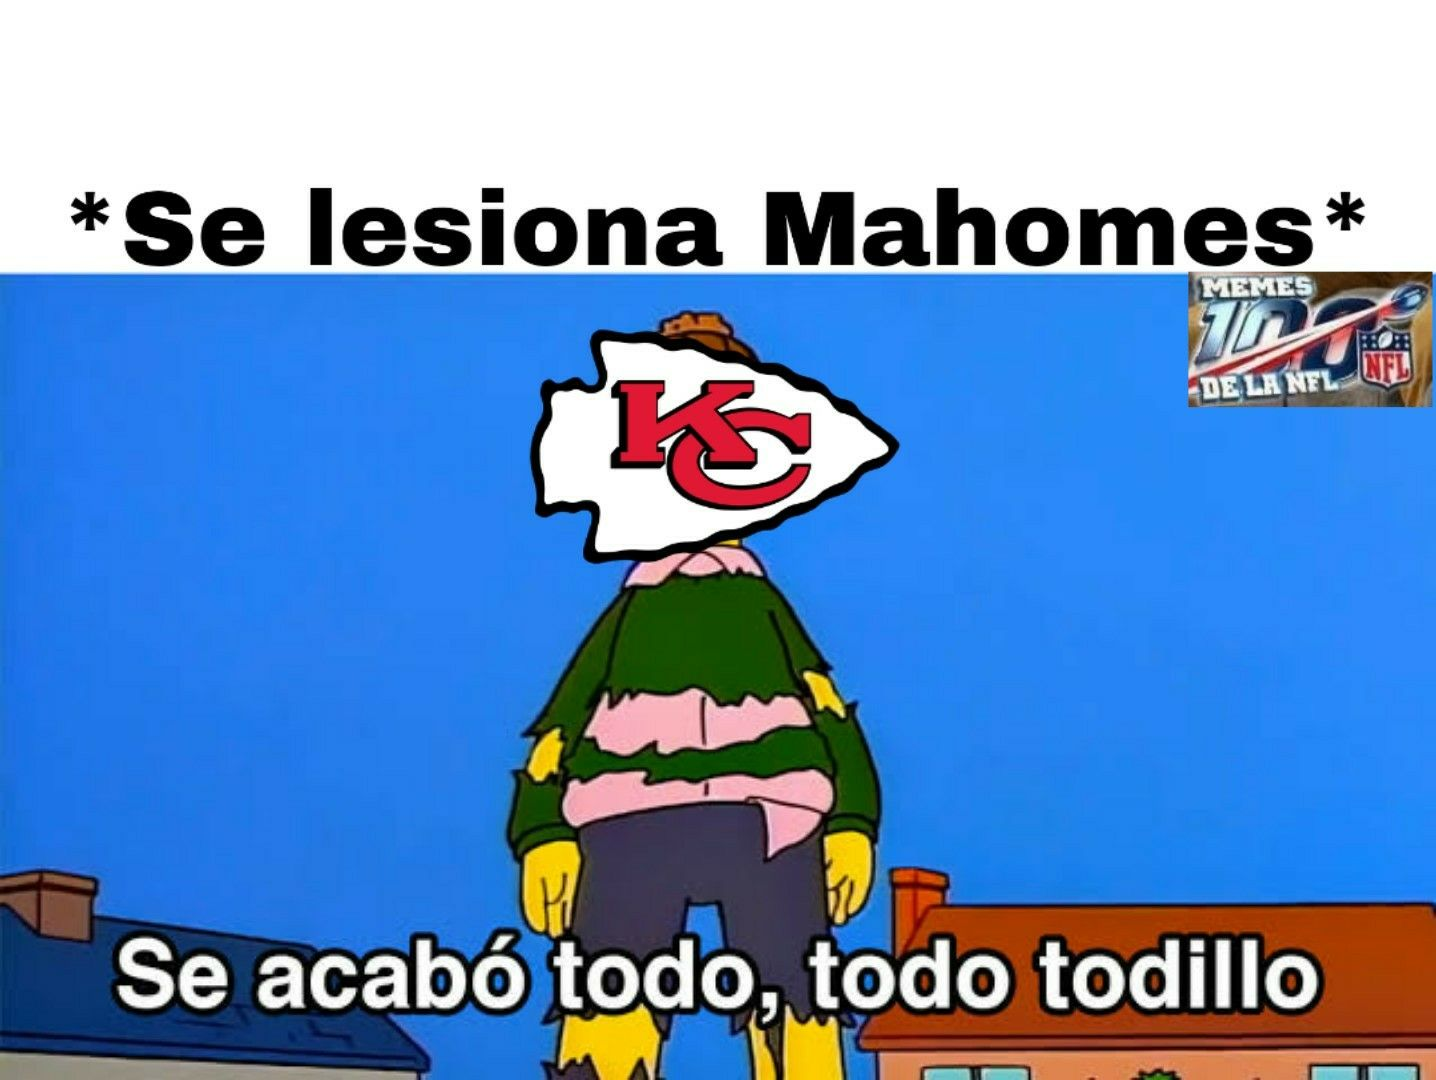 Memes de la NFL, Semana 7